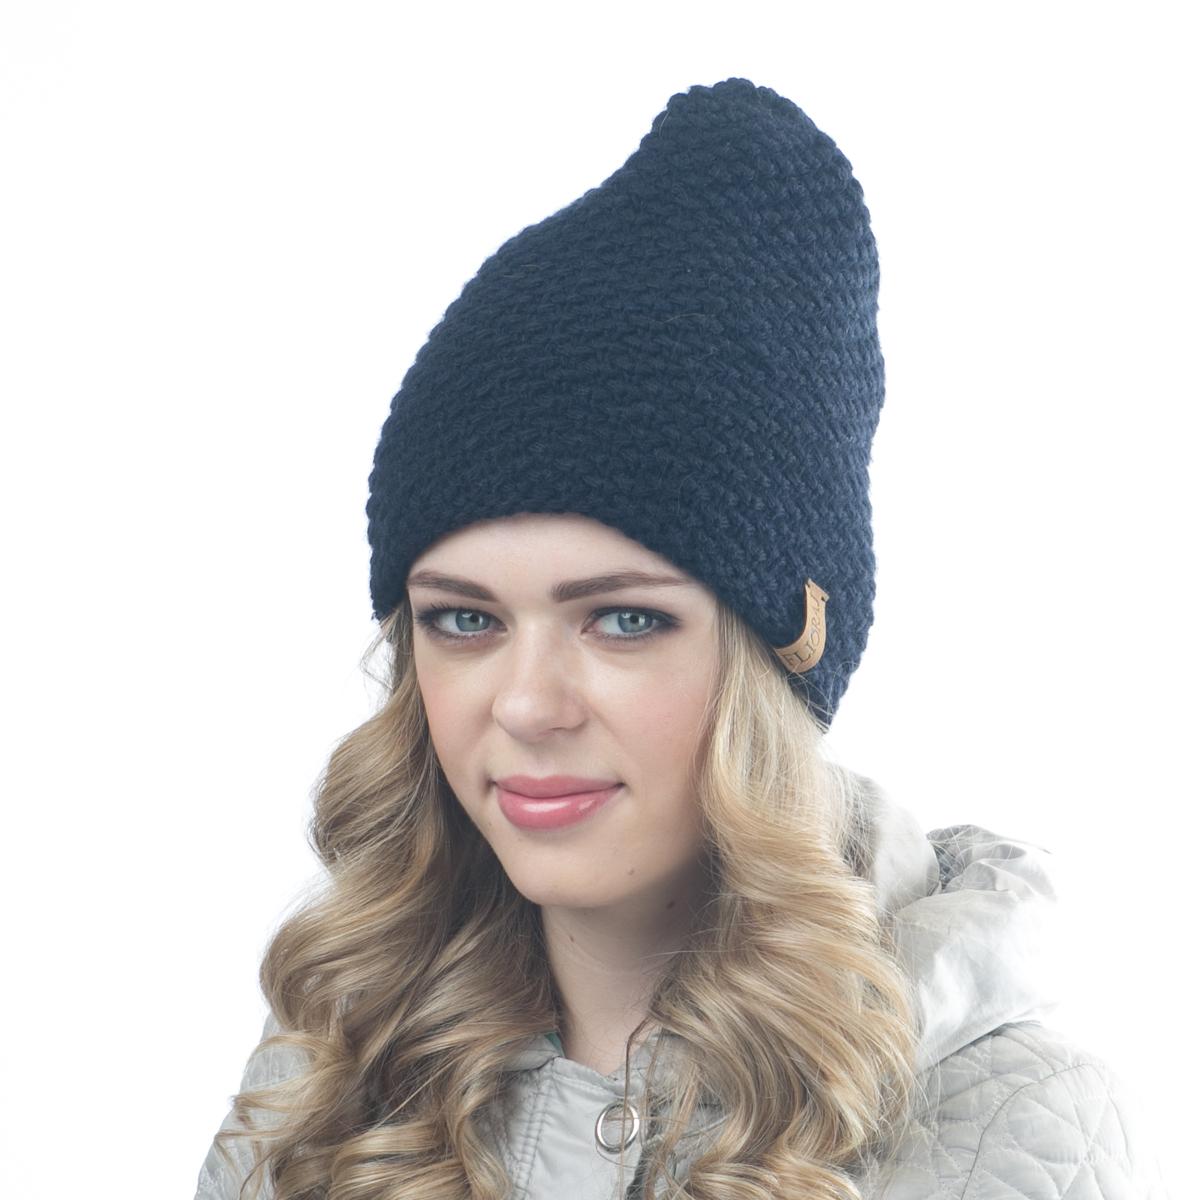 05FJТеплая двойная шапка Flioraj выполнена из овечьей шерсти и шерсти горной альпаки с добавлением нейлона, полиамида и вискозы. Модель имеет крупную плотную вязку, оформлена оригинальным вязаным рисунком и декорирована фирменным кожаным логотипом. Уважаемые клиенты! Размер, доступный для заказа, является обхватом головы.